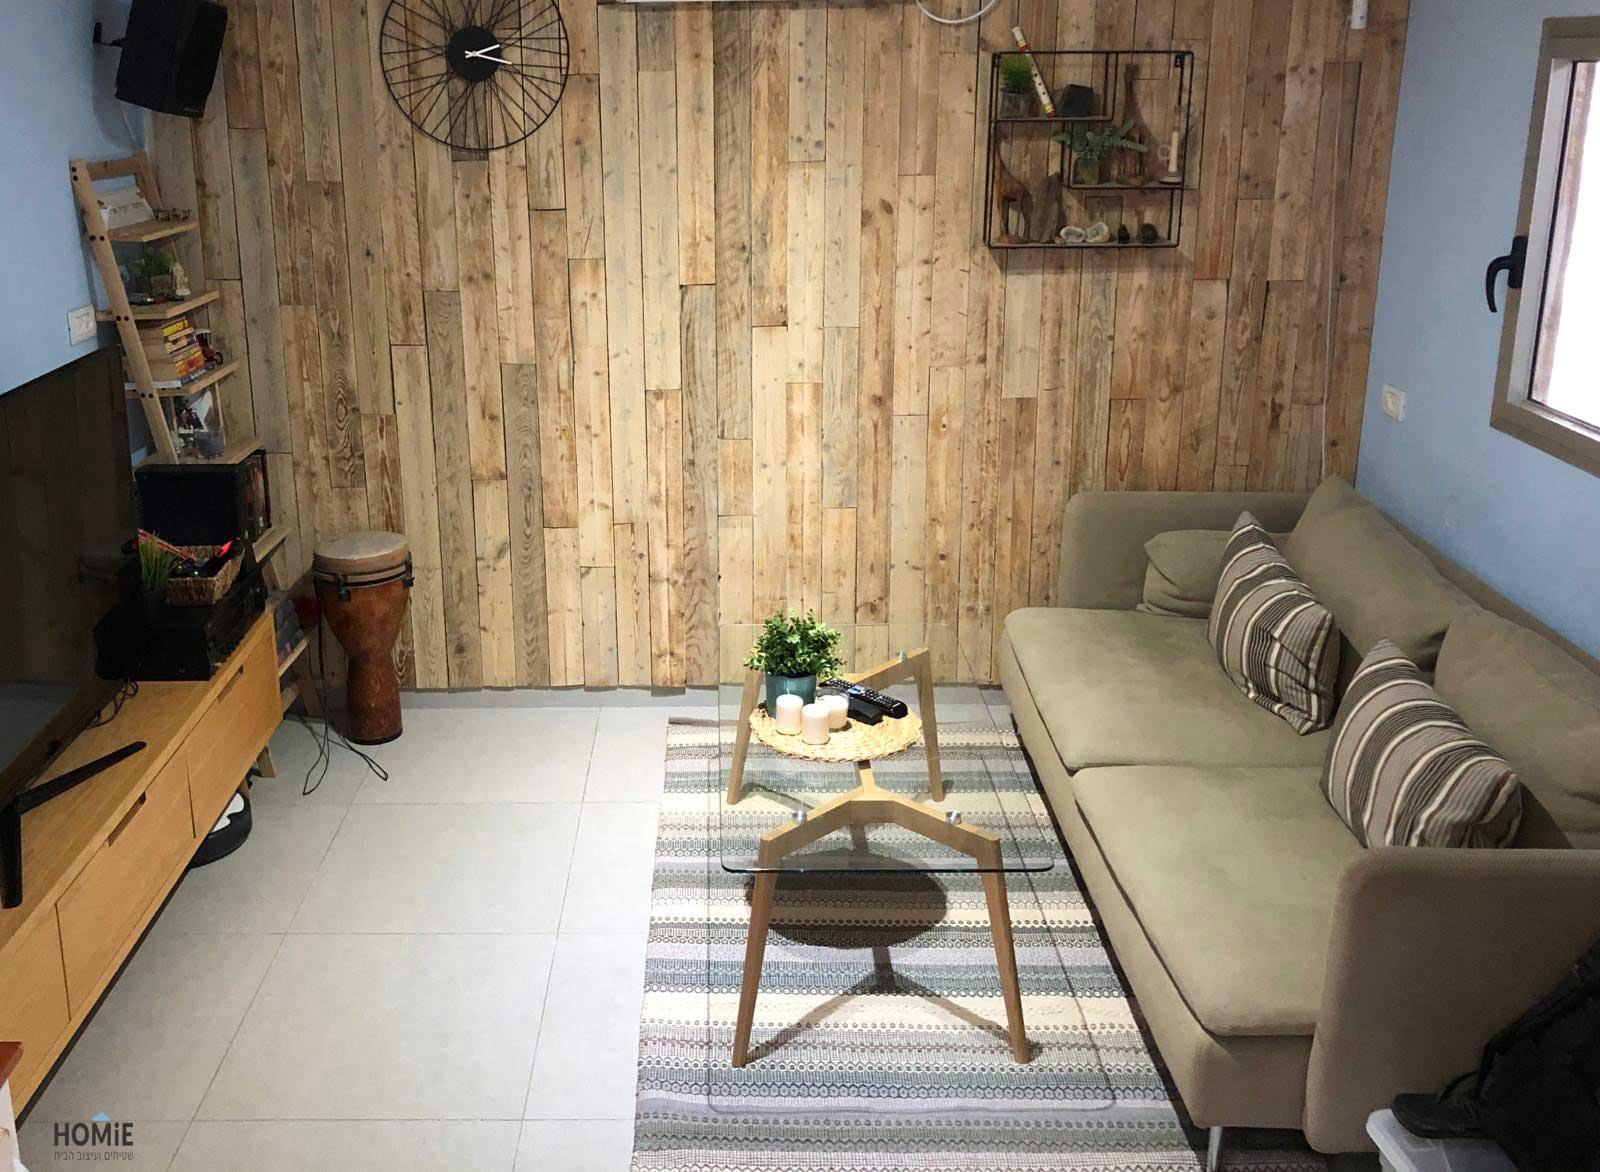 שטיח לסלון כותנה עבודת יד דגם סילביה